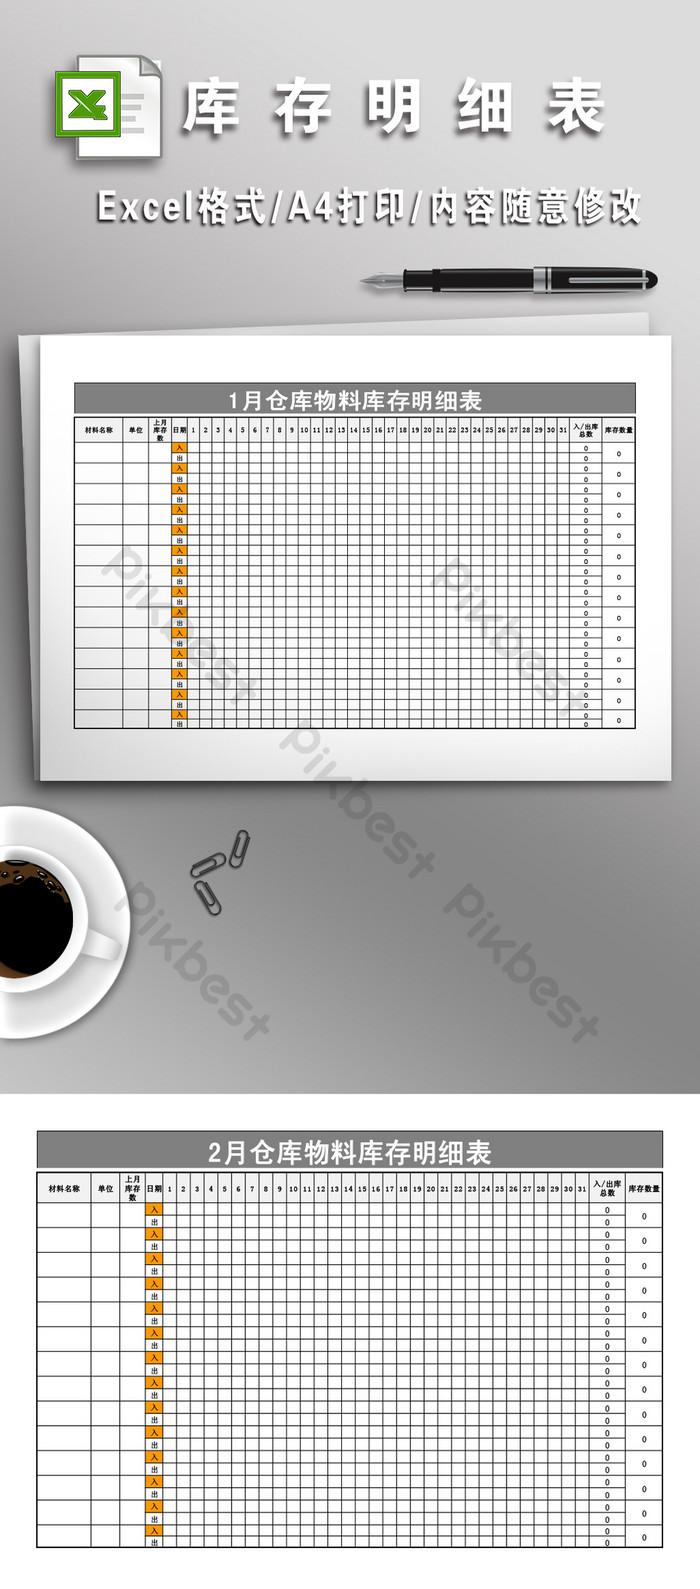 倉庫商品庫存明細表(全年全自動表)  XLS Excel模板素材免費下載 - Pikbest